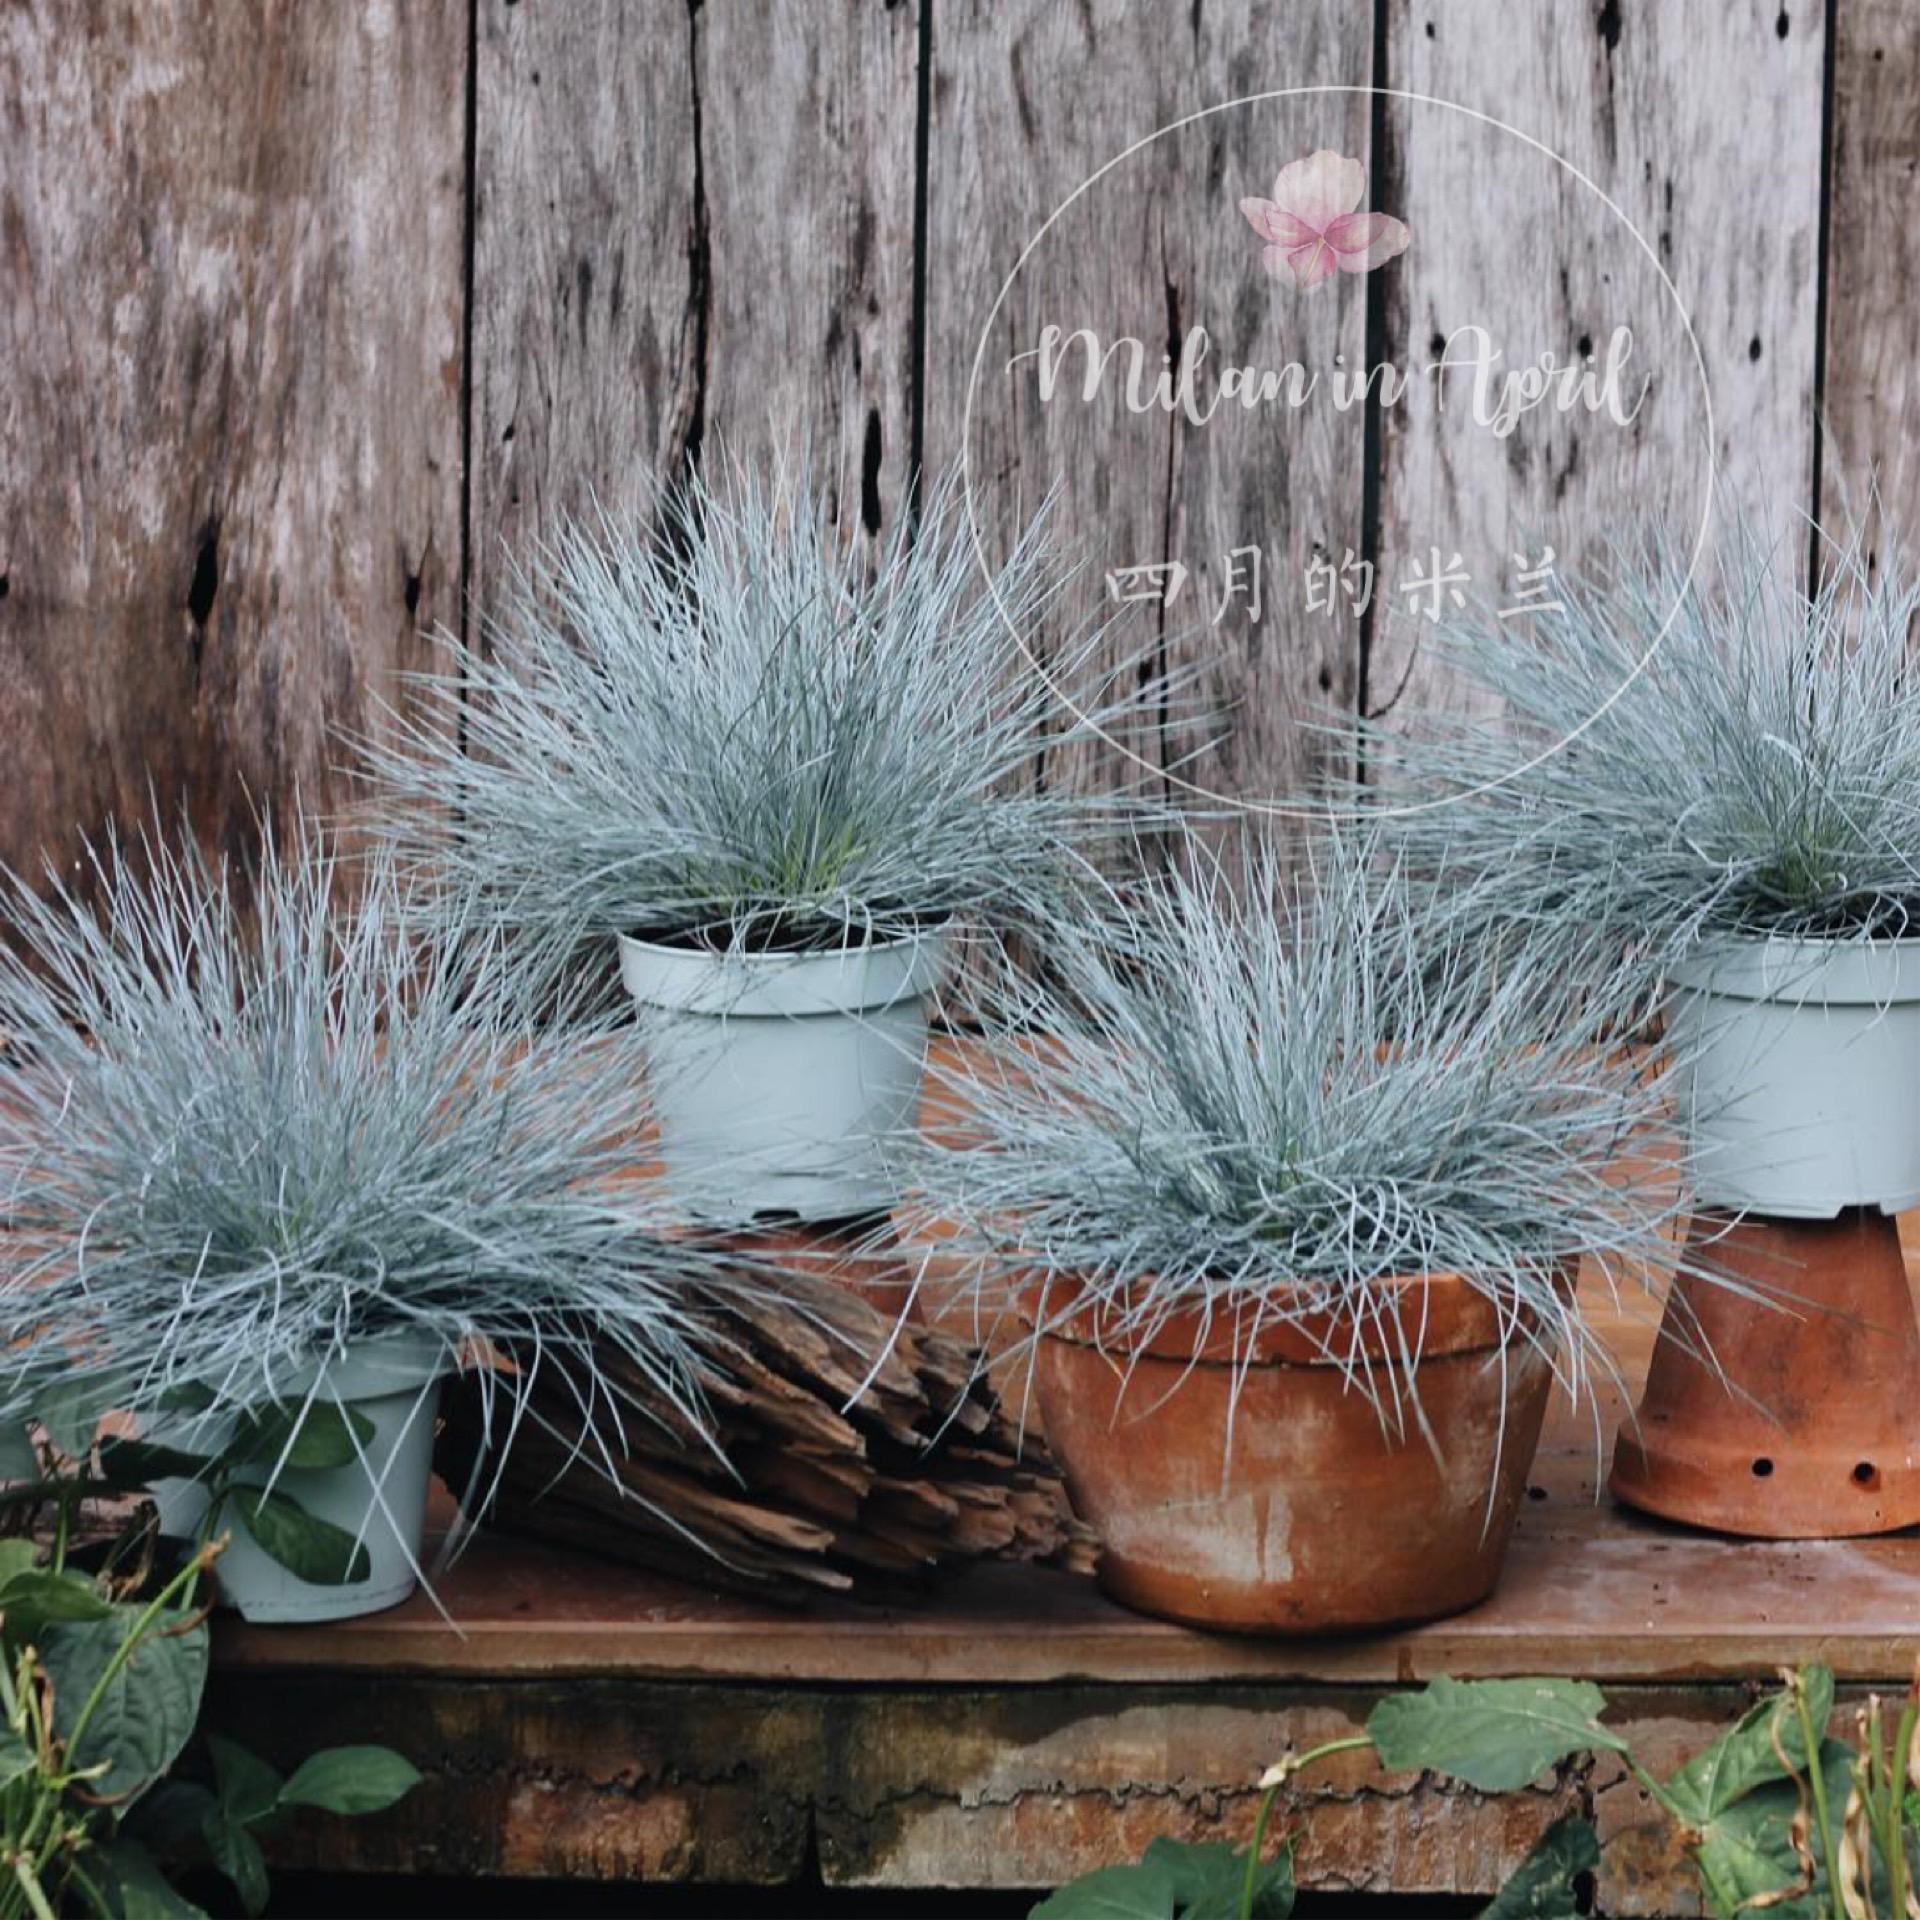 蓝羊茅观赏草地被植物造景大苗盆栽耐寒耐旱多年生长四季常青组盆